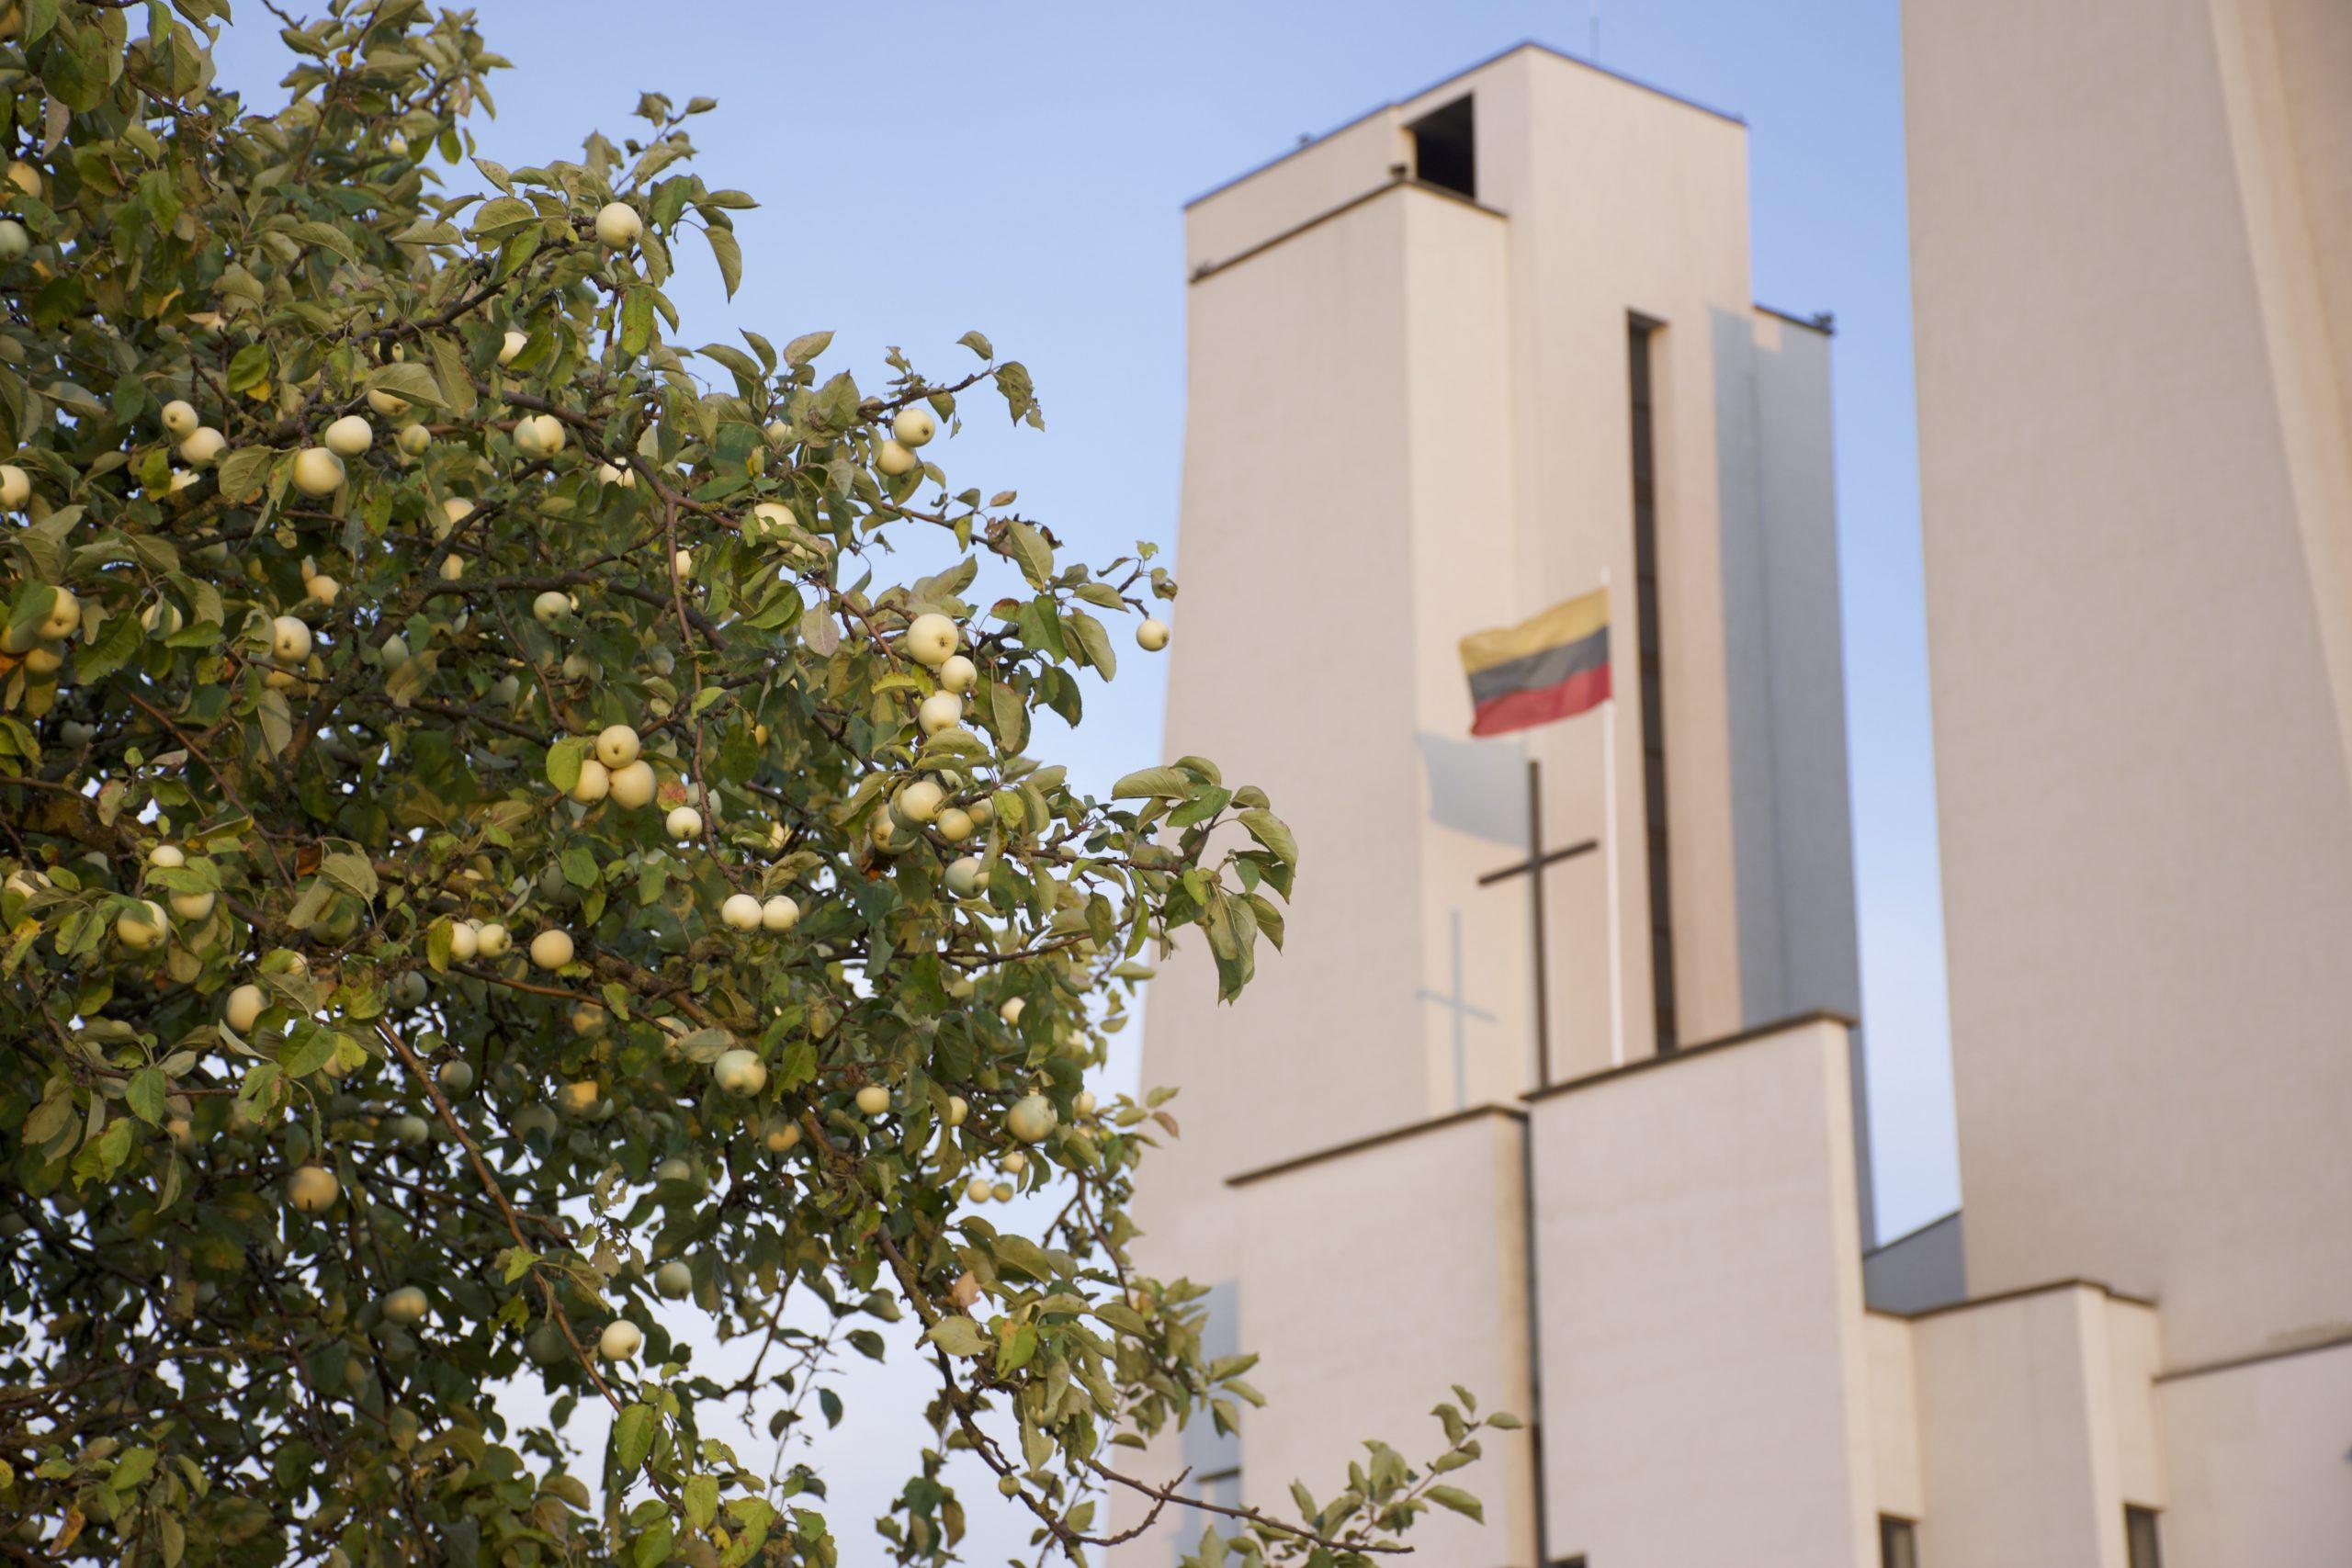 SPALIS – ROŽINIO MĖNUO. Jis yra pašvęstas Švč. Mergelės Marijos garbei. Šiokiadieniais rožinį kalbėsime po 18.00 val. šv. Mišių, o sekmadieniais po 10.00 val. šv. Mišių. SPALIO 19 D. (antradienį) 18.00 val. aukosime sudėtines šv. Mišias už gyvuosius. SPALIO 21 D. (ketvirtadienį) po 19.00 val. vyks Vidinio išgydymo pamaldos. SPALIO 22 D. (penktadienį) 18.00 […]